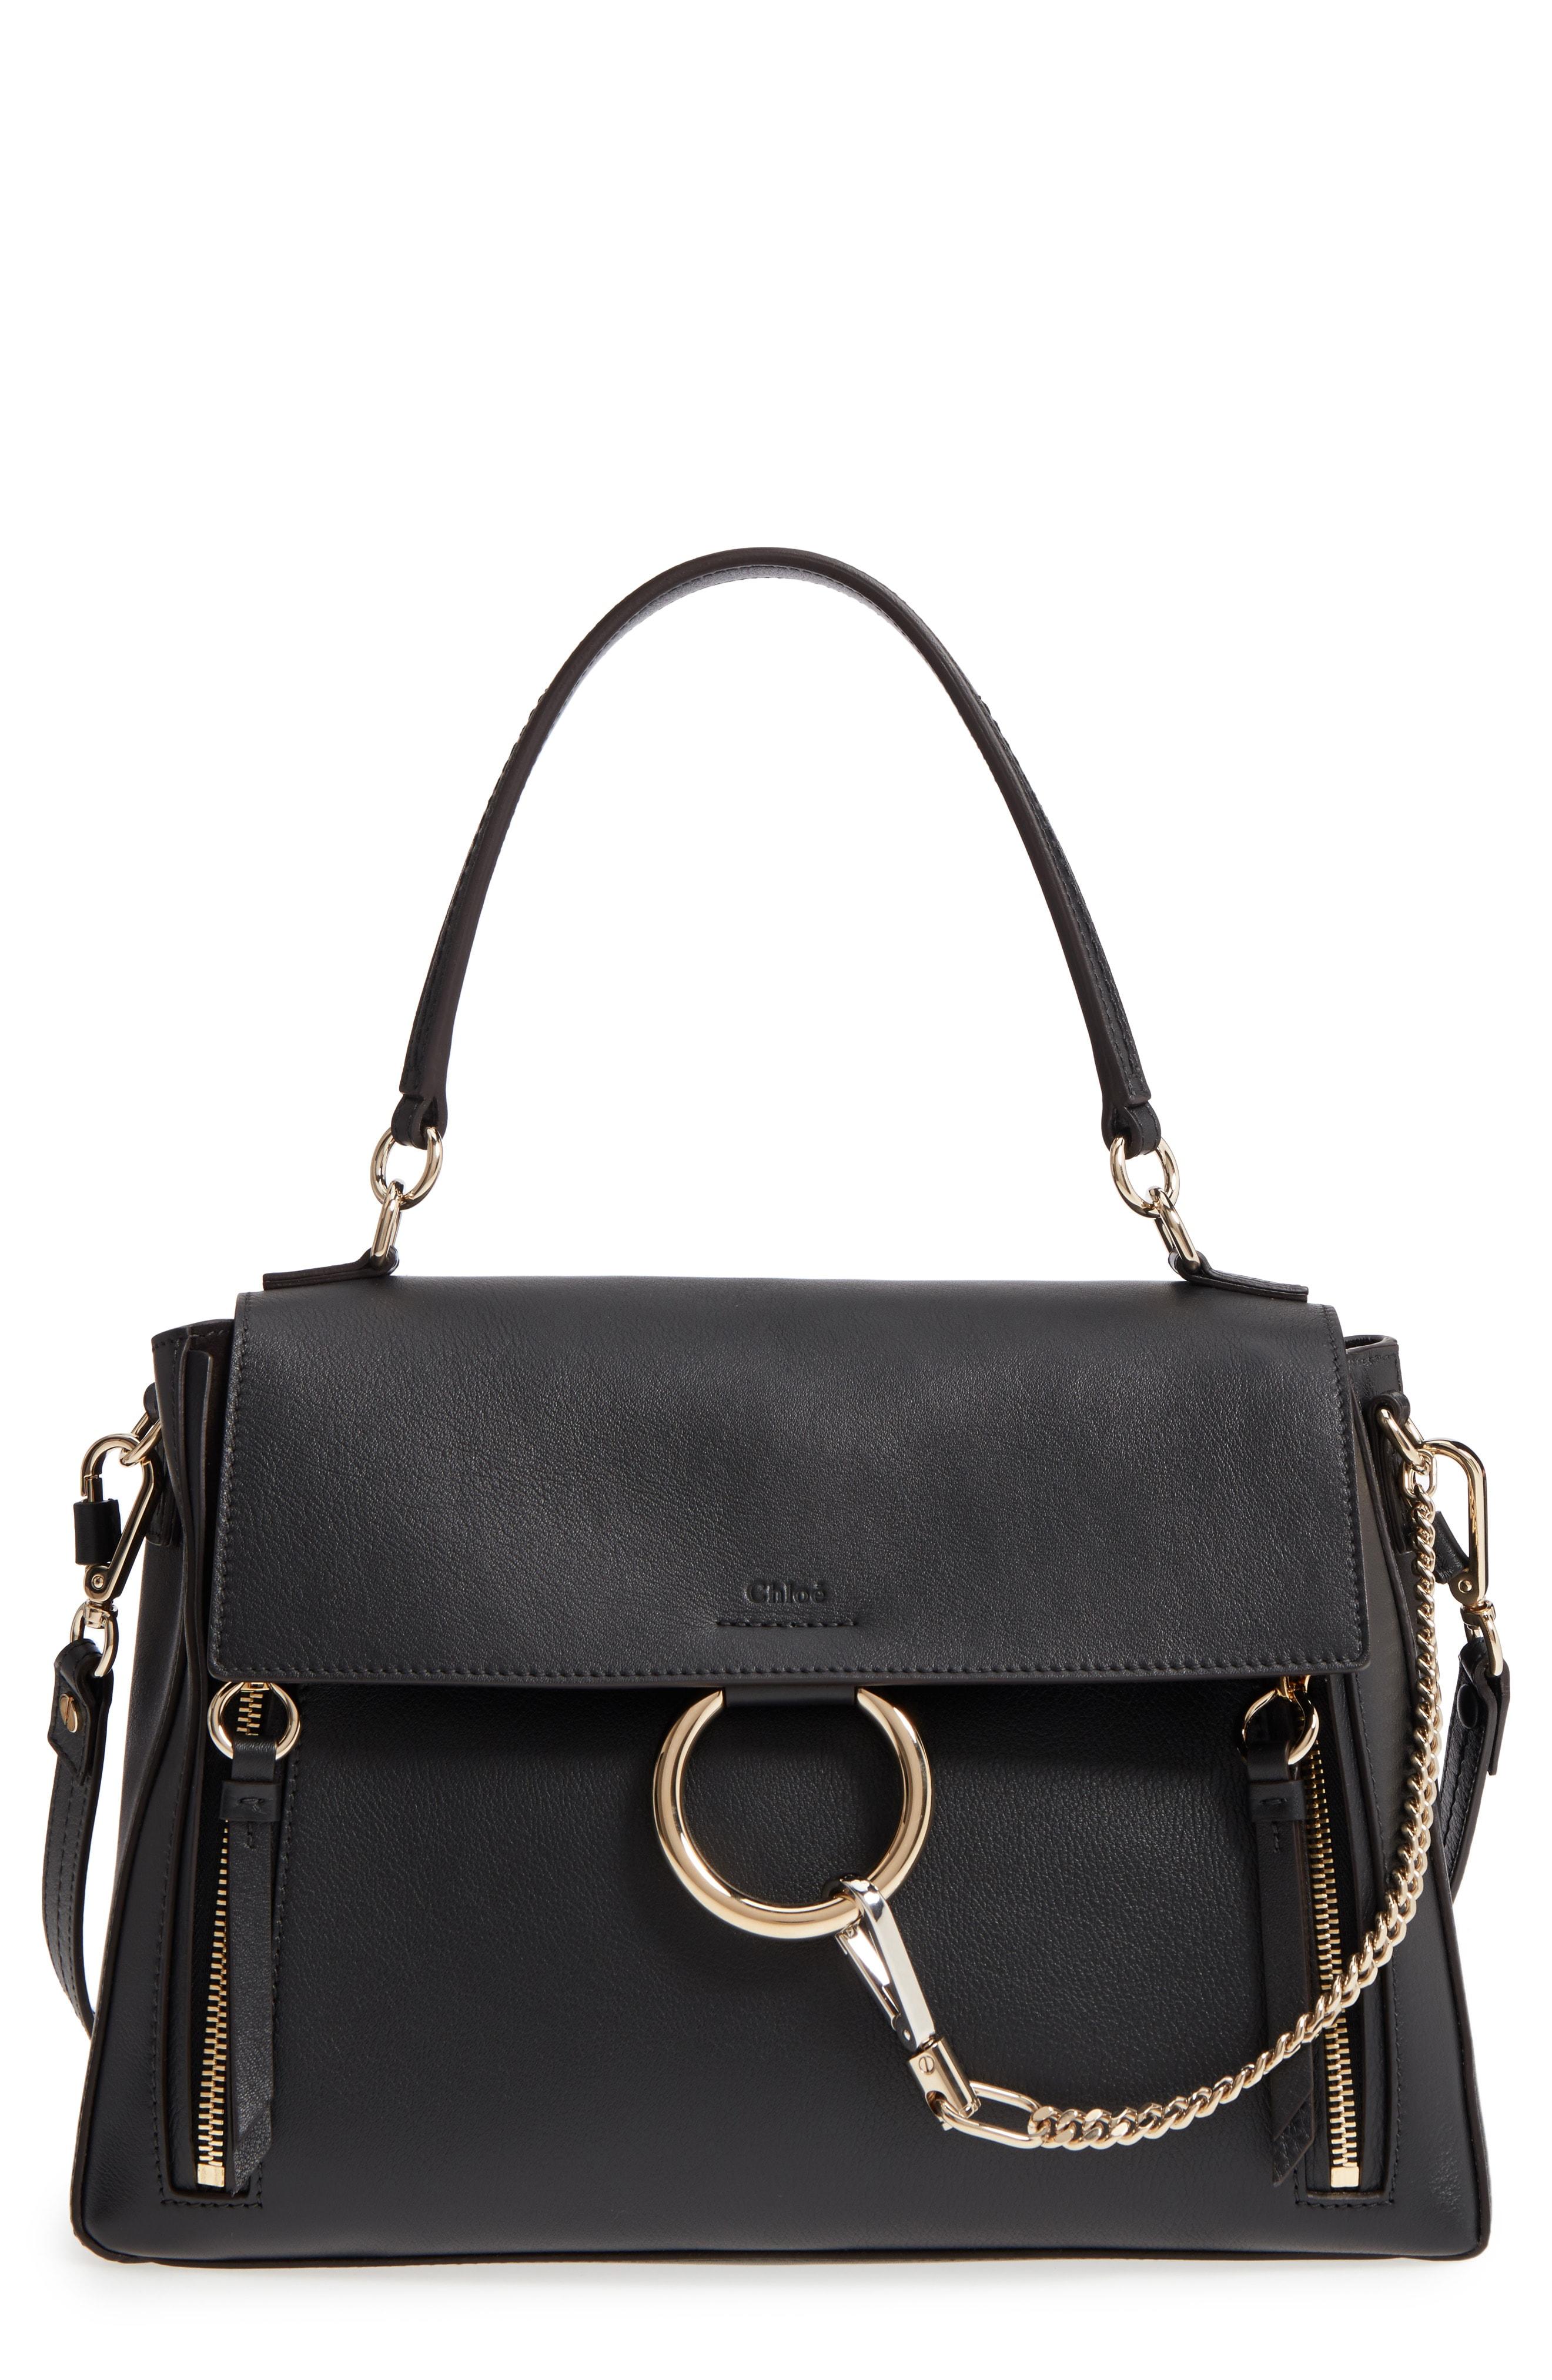 Chlo Medium Faye Leather Shoulder Bag